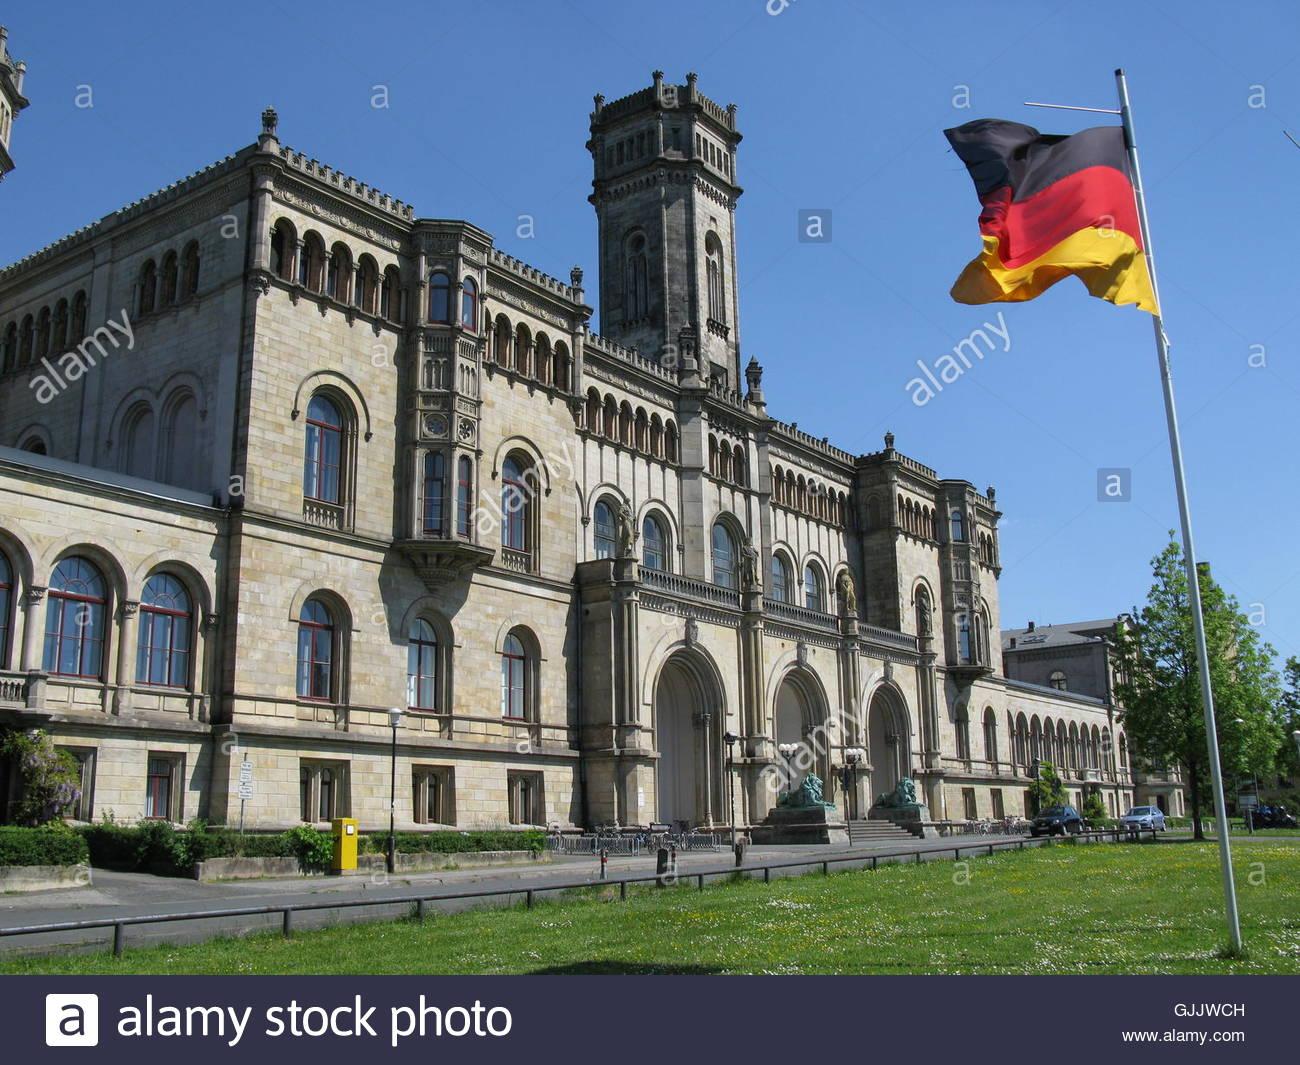 leipniz universitat hannover - Stock Image